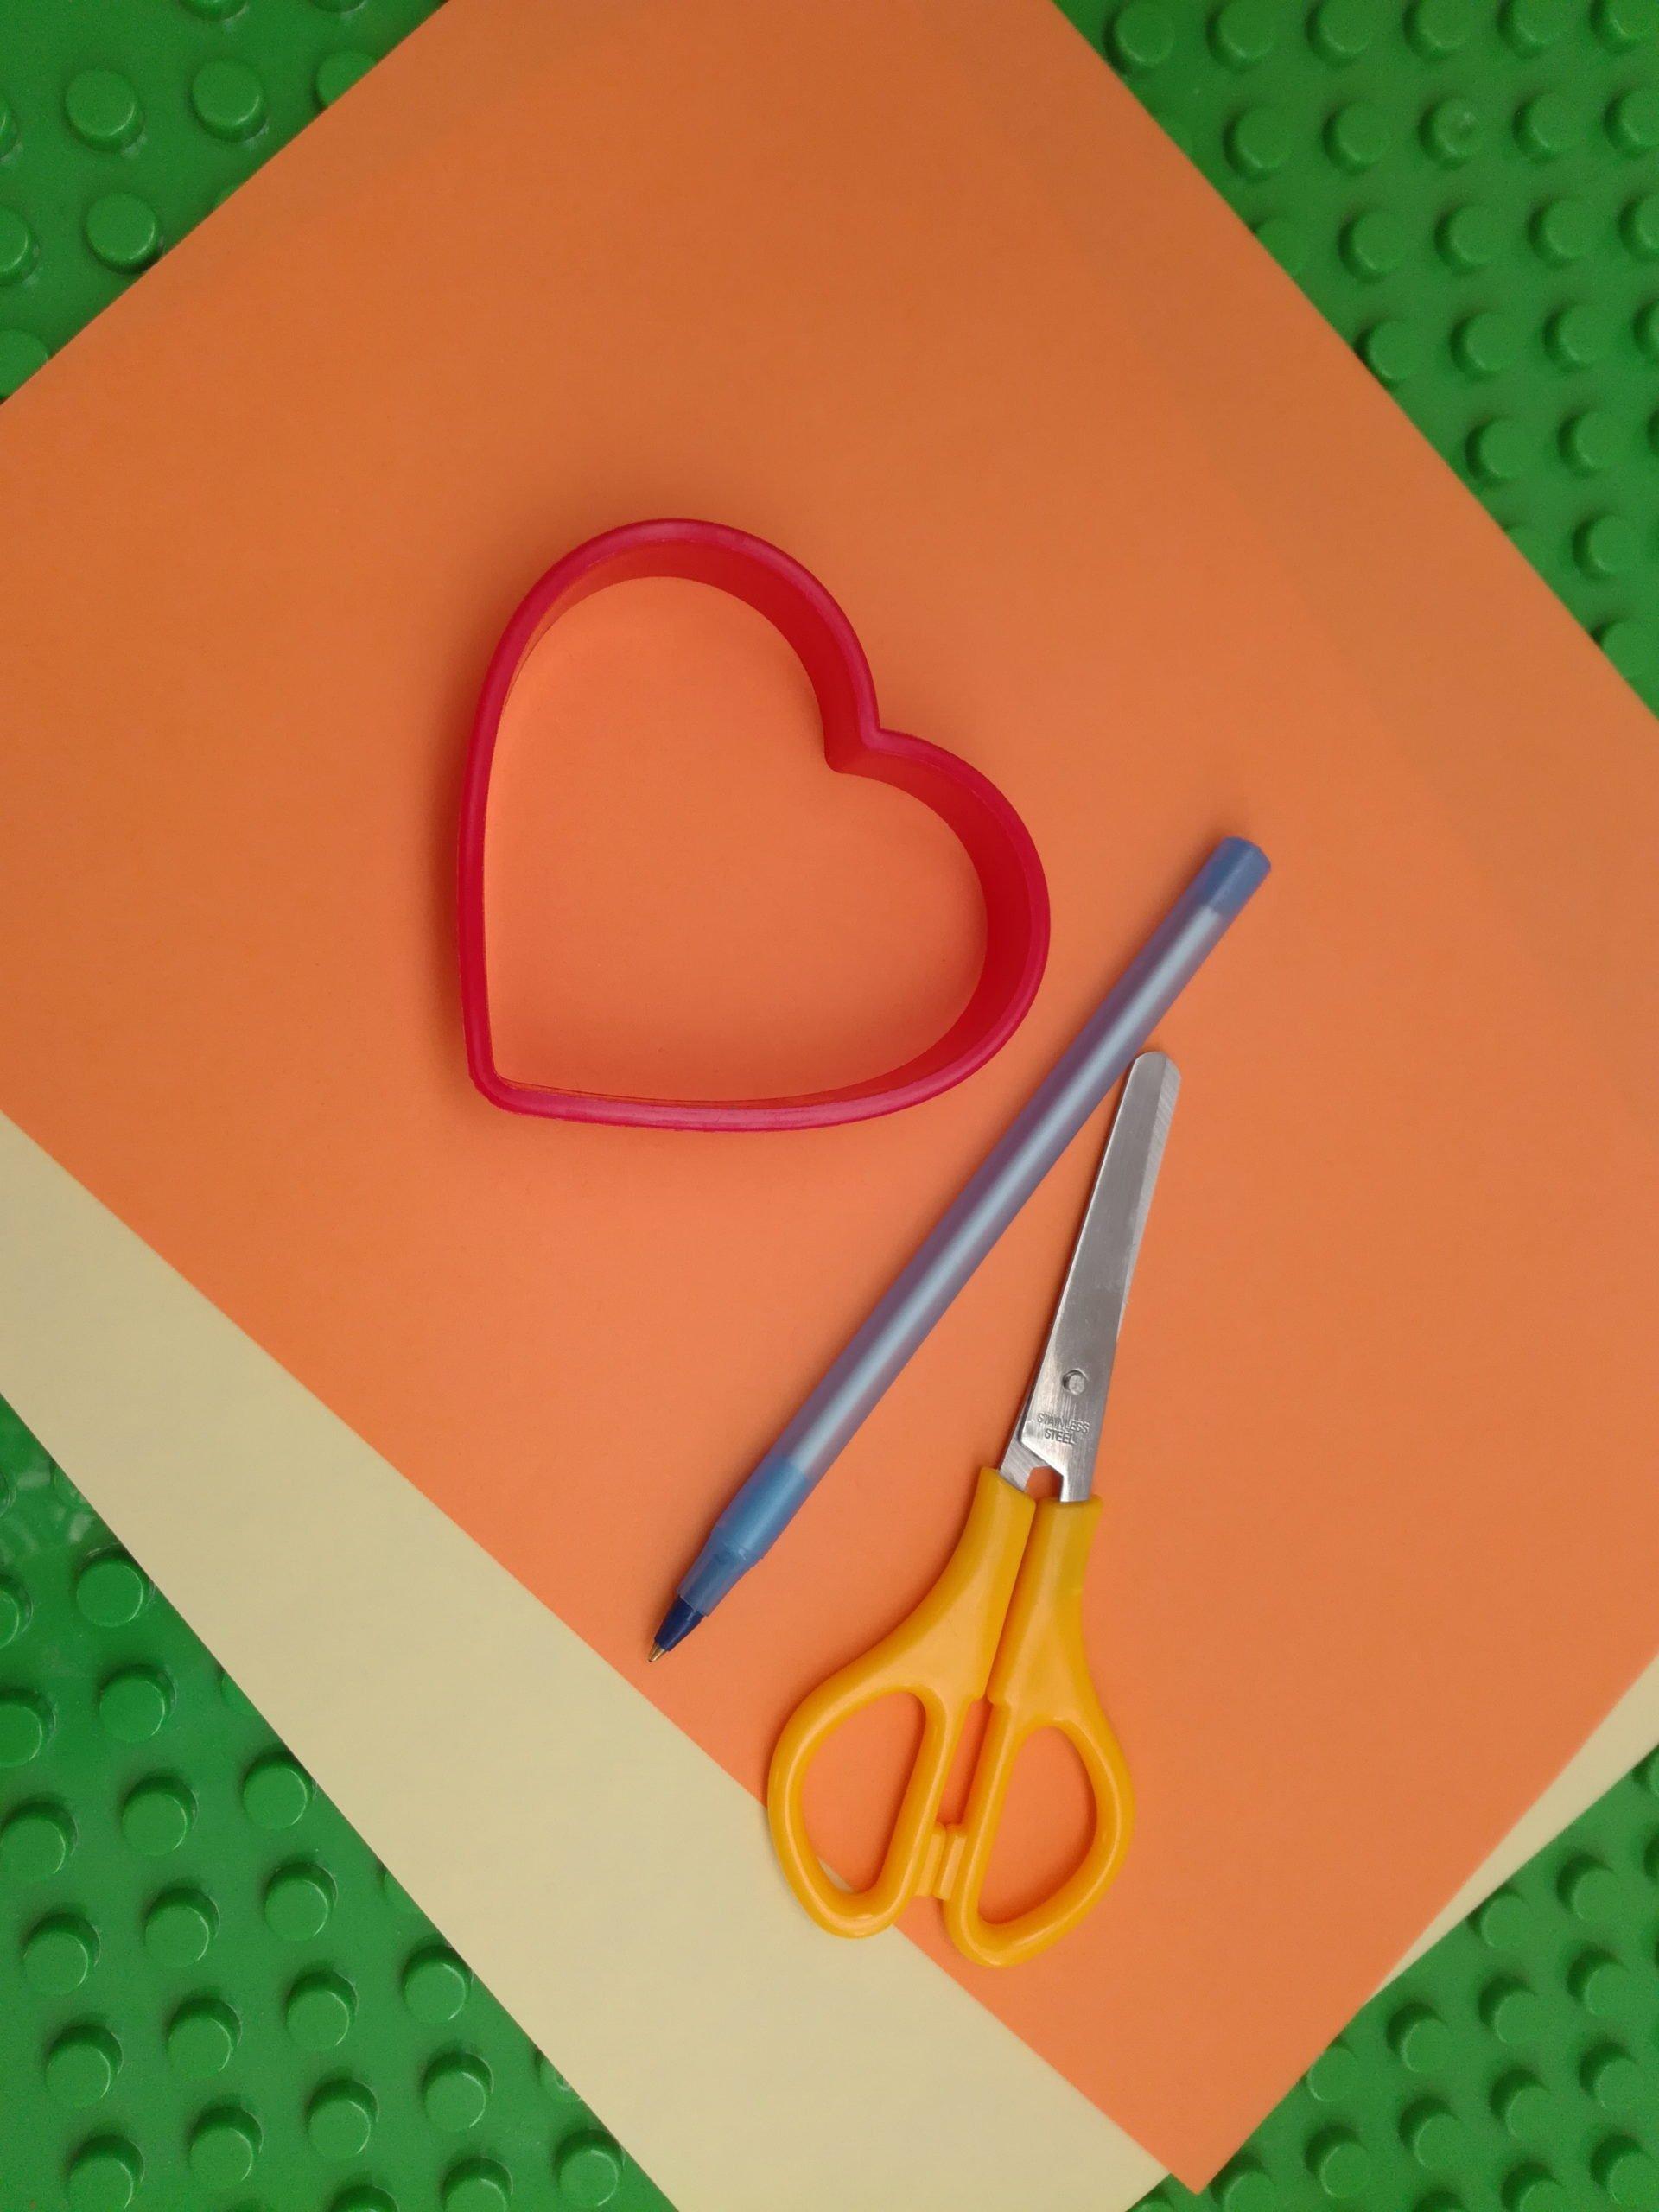 jak robić zwierzęta z papieru małpka zabawy dla dzieci